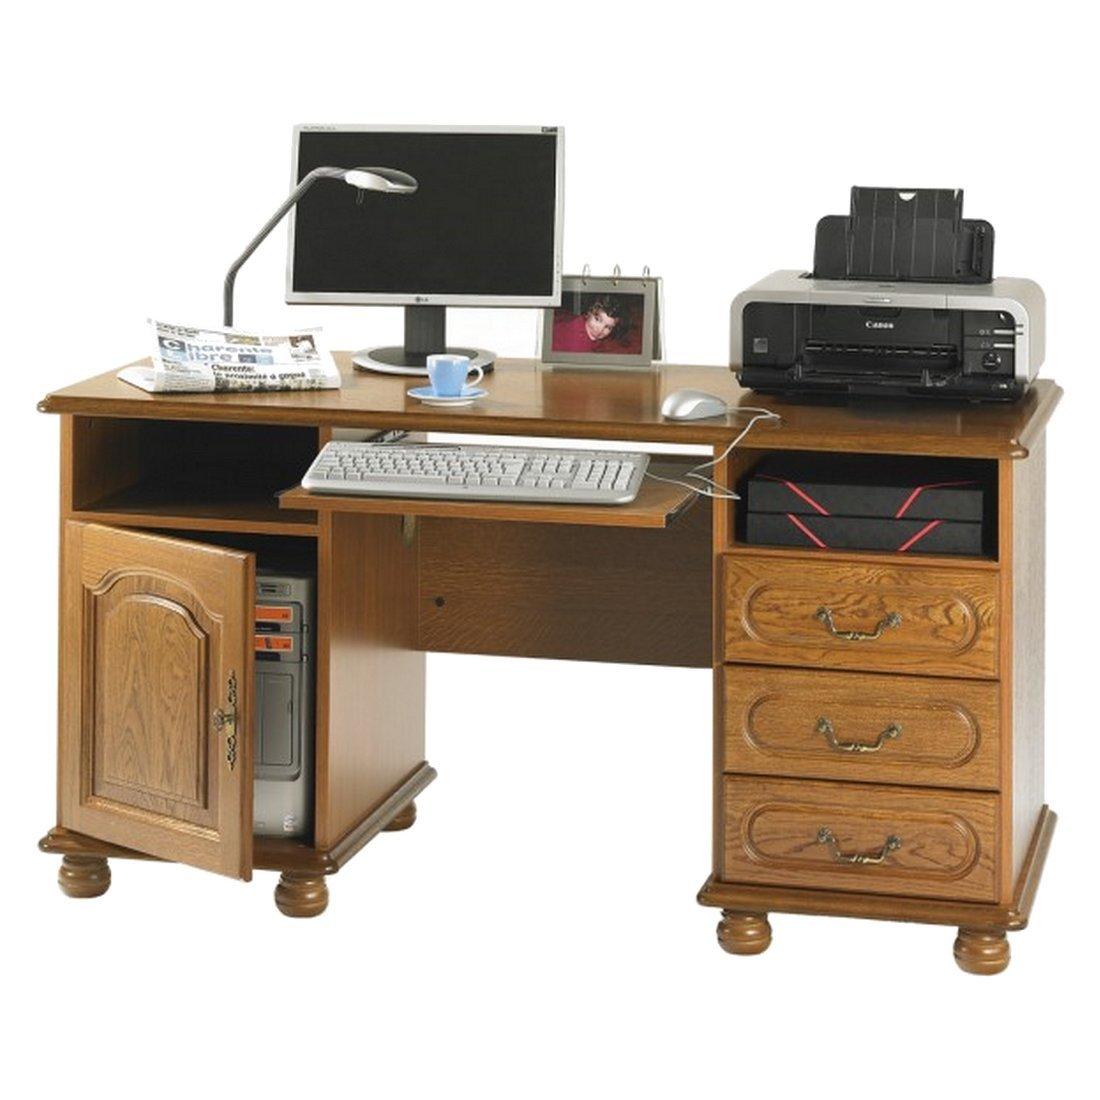 Schreibtisch eiche rustikal minister f r 1 t r 3 schubk sten metz g nstige online kaufen - Schreibtisch rustikal ...